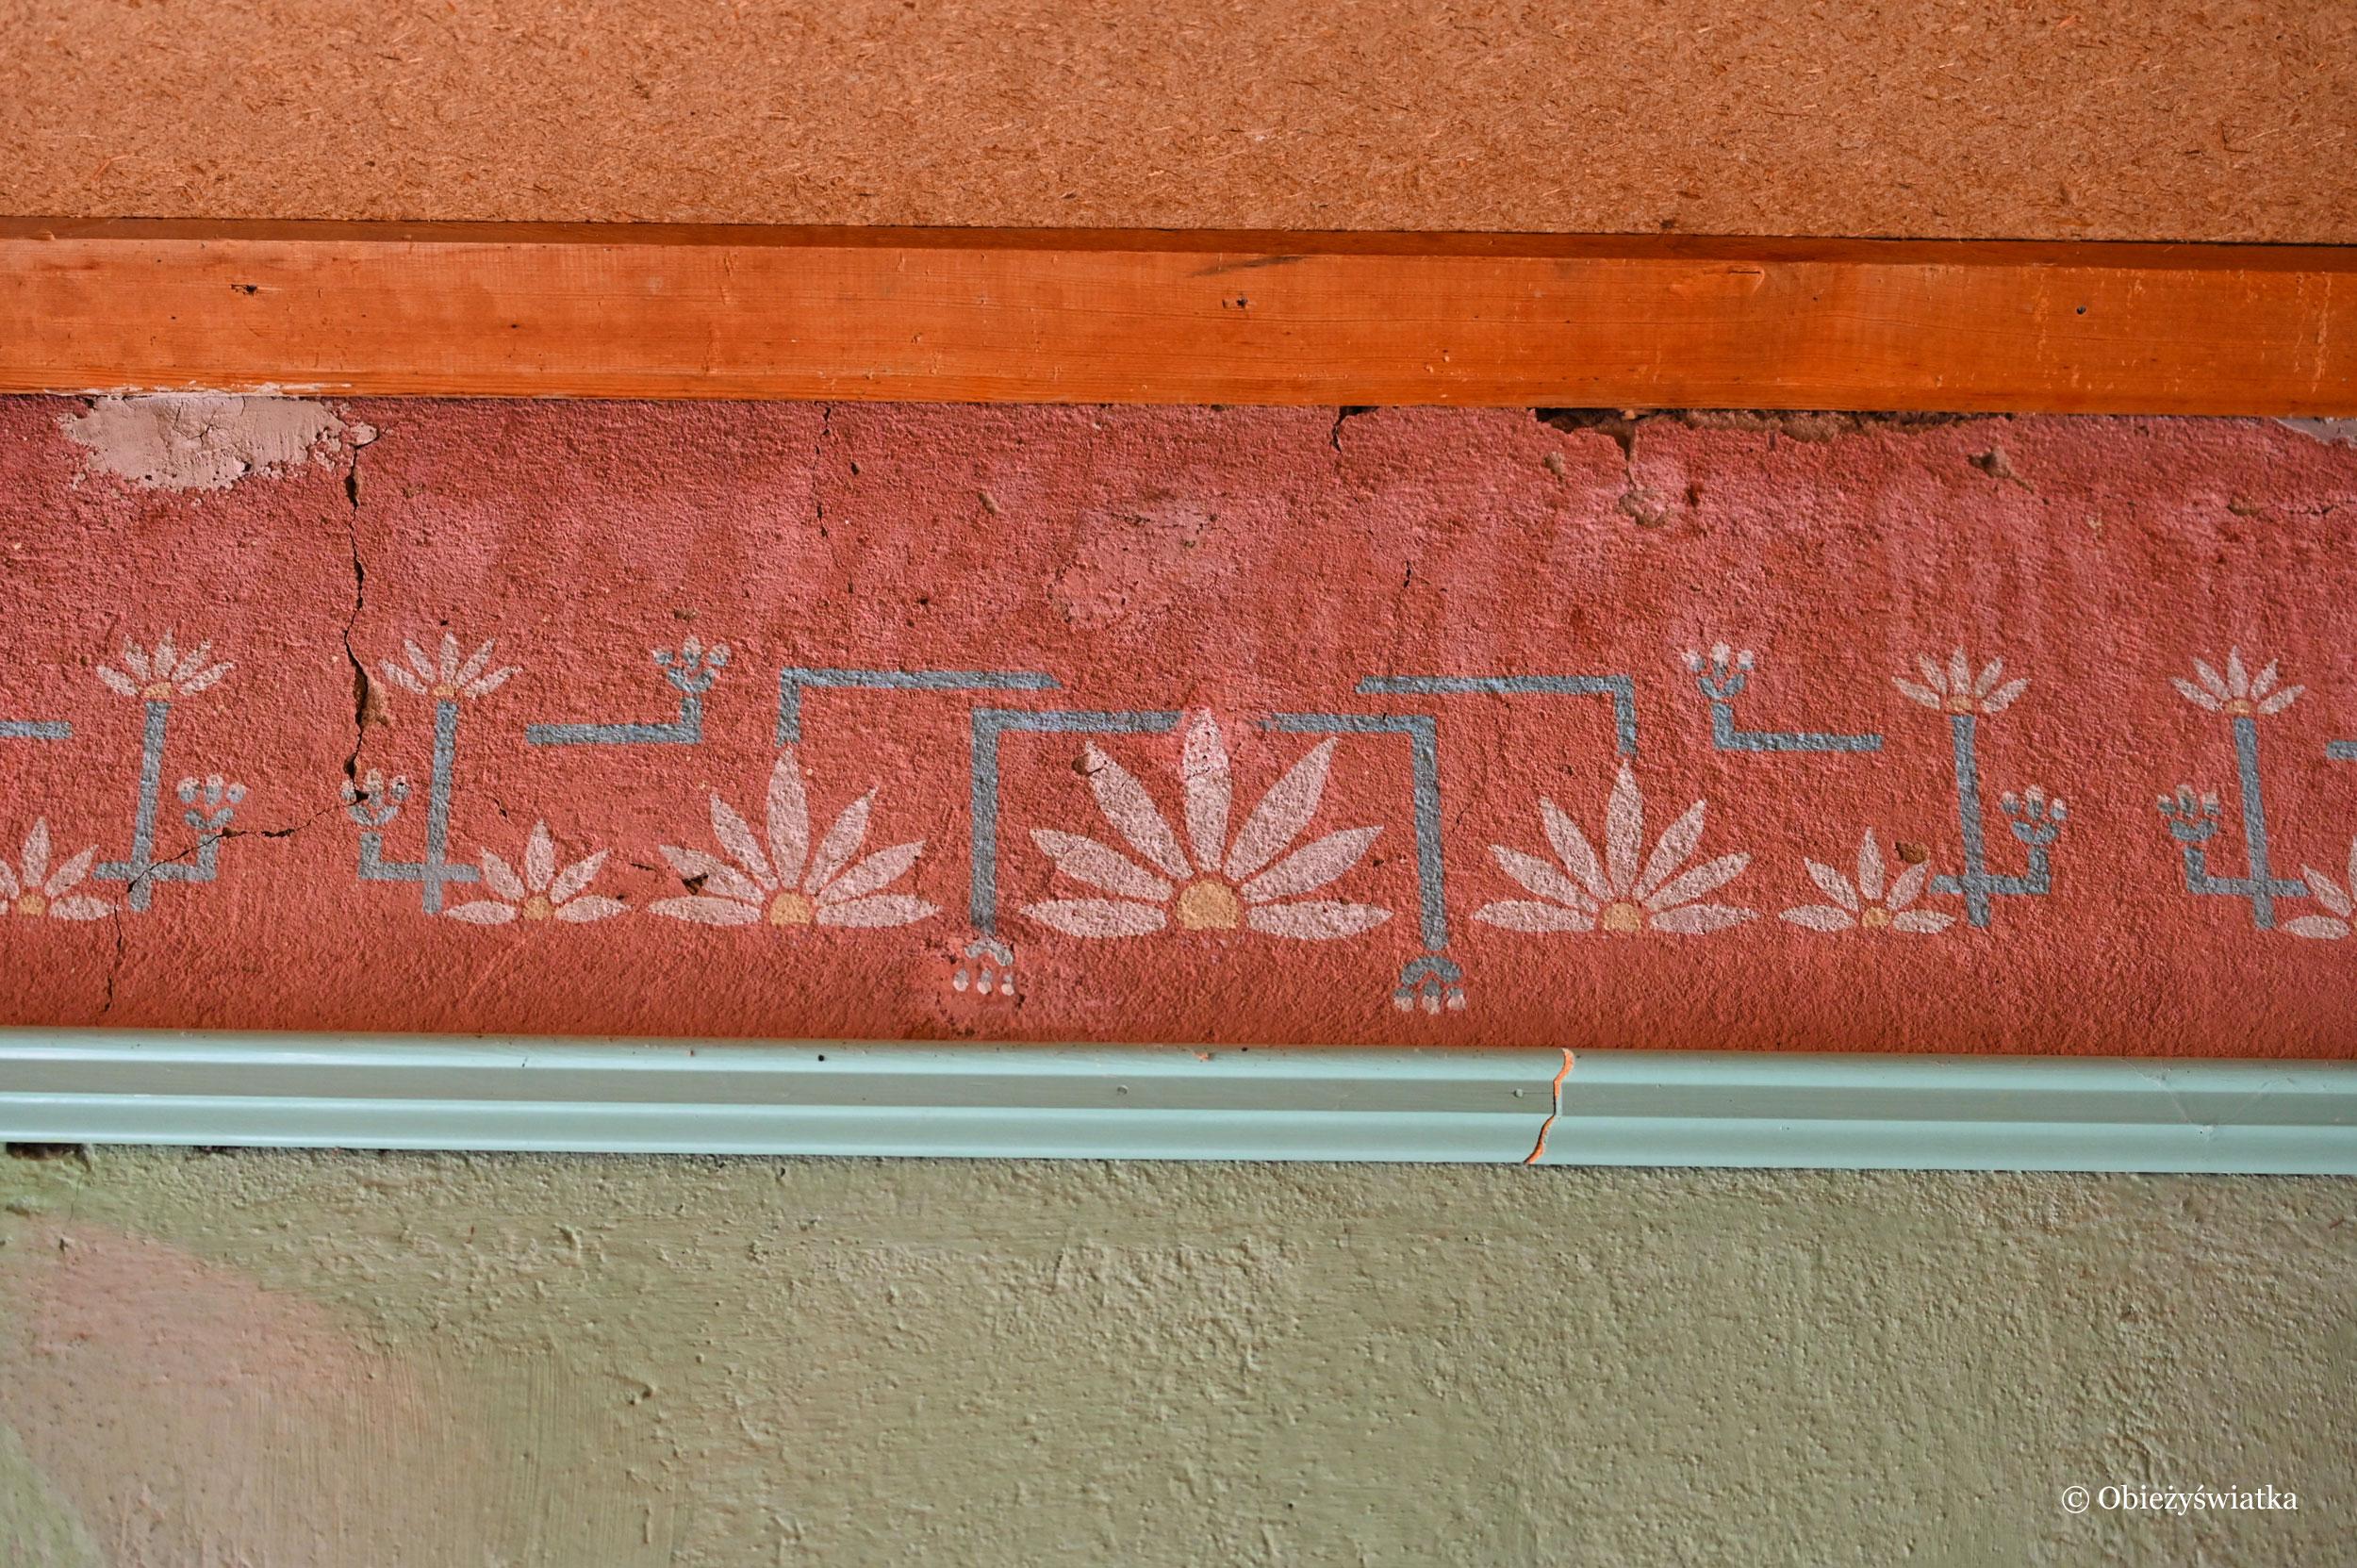 Ślady dawnego życia - McDonalds Ranch House, Nowy Meksyk